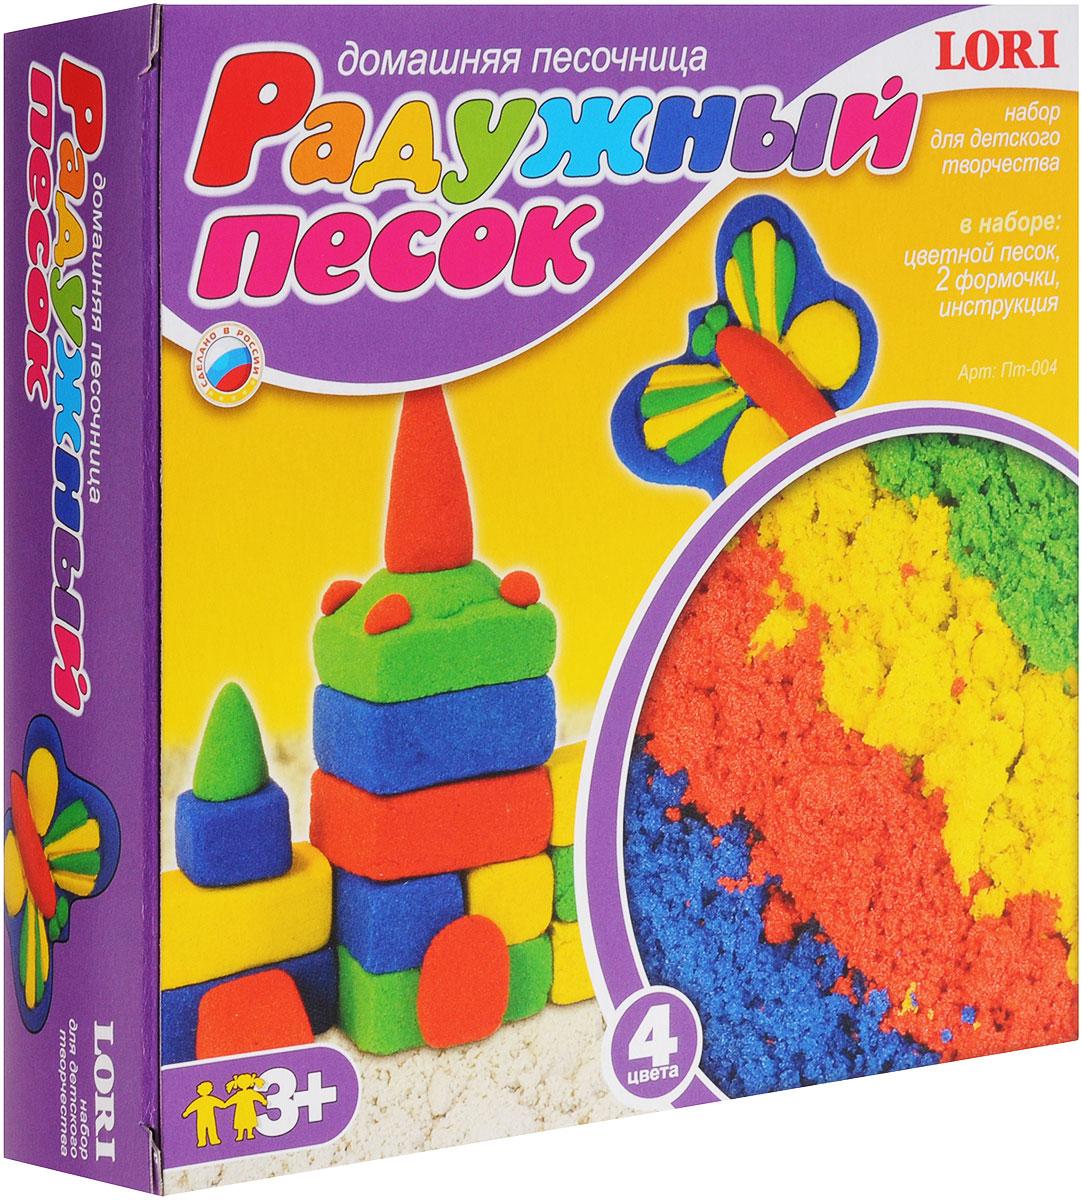 Lori Набор для детского творчества Радужный песок 4 цвета две формочки